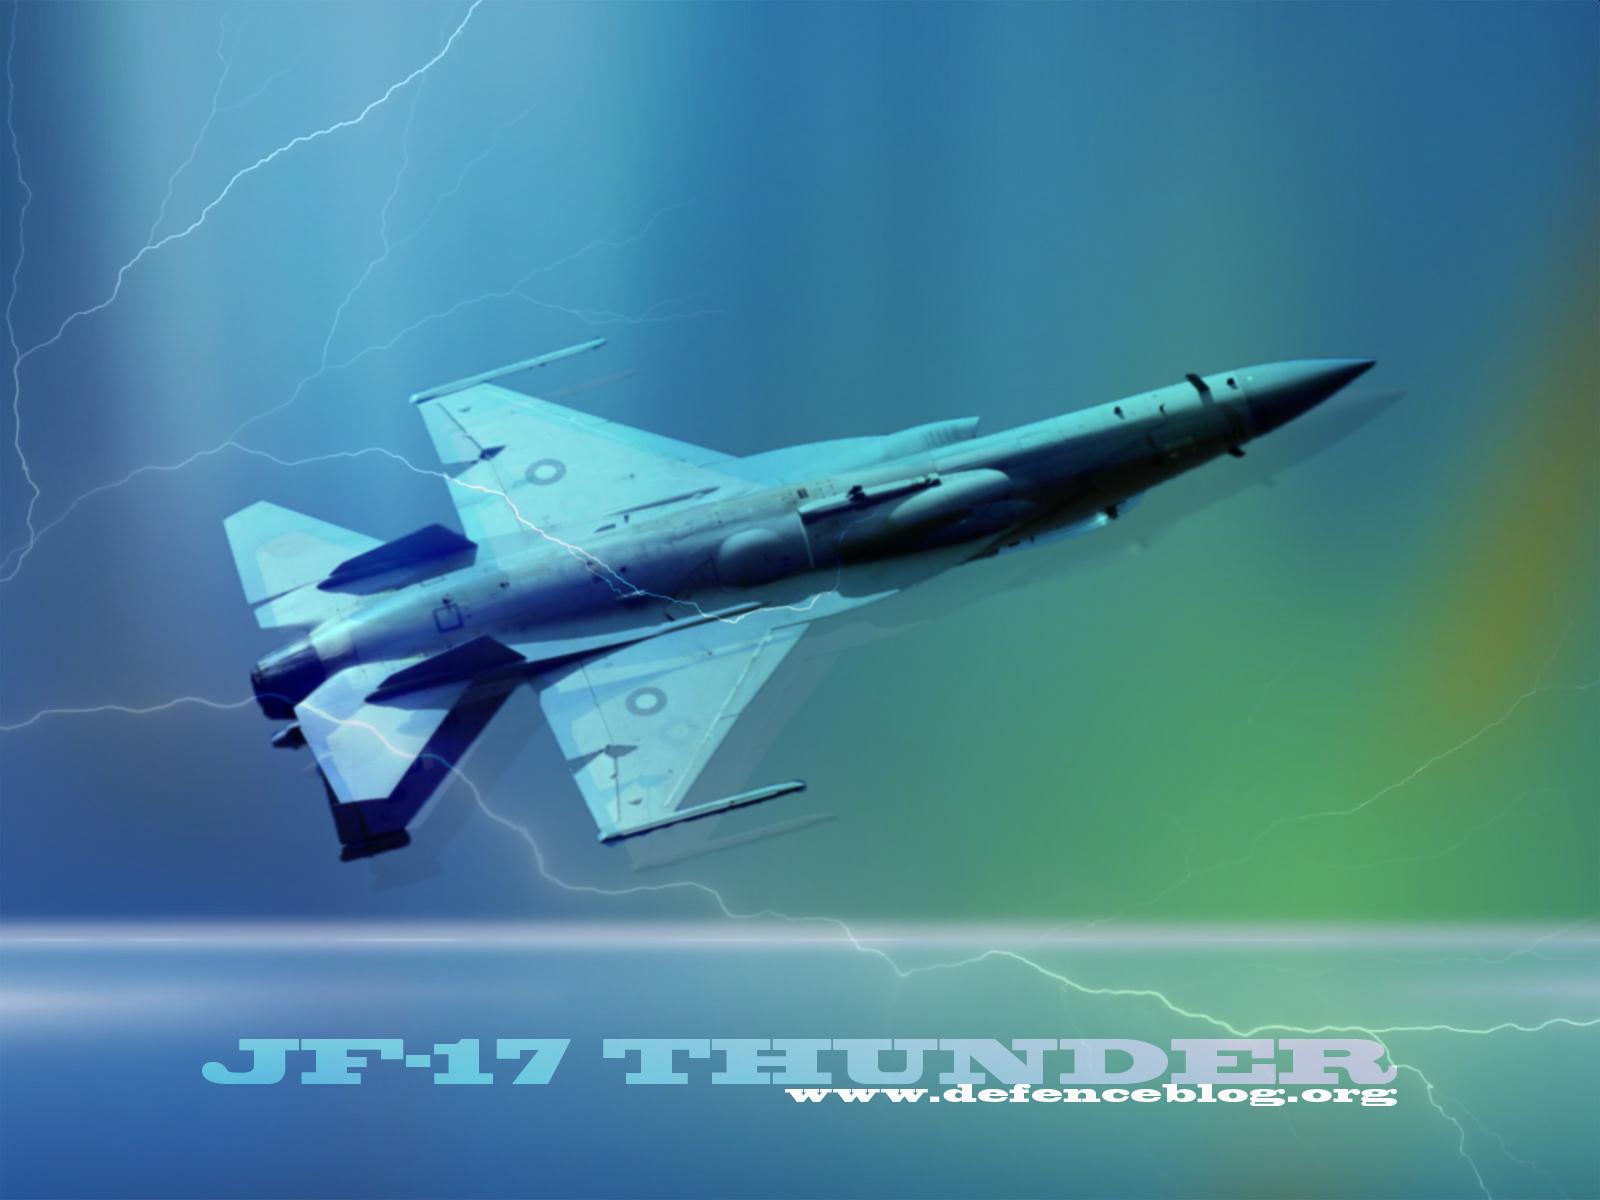 http://4.bp.blogspot.com/-V1uZGyynBig/Tz3bW69iOCI/AAAAAAAABuI/dLnYio4tGhM/s1600/JF+17+Thunder+HD+wallpaper.jpg